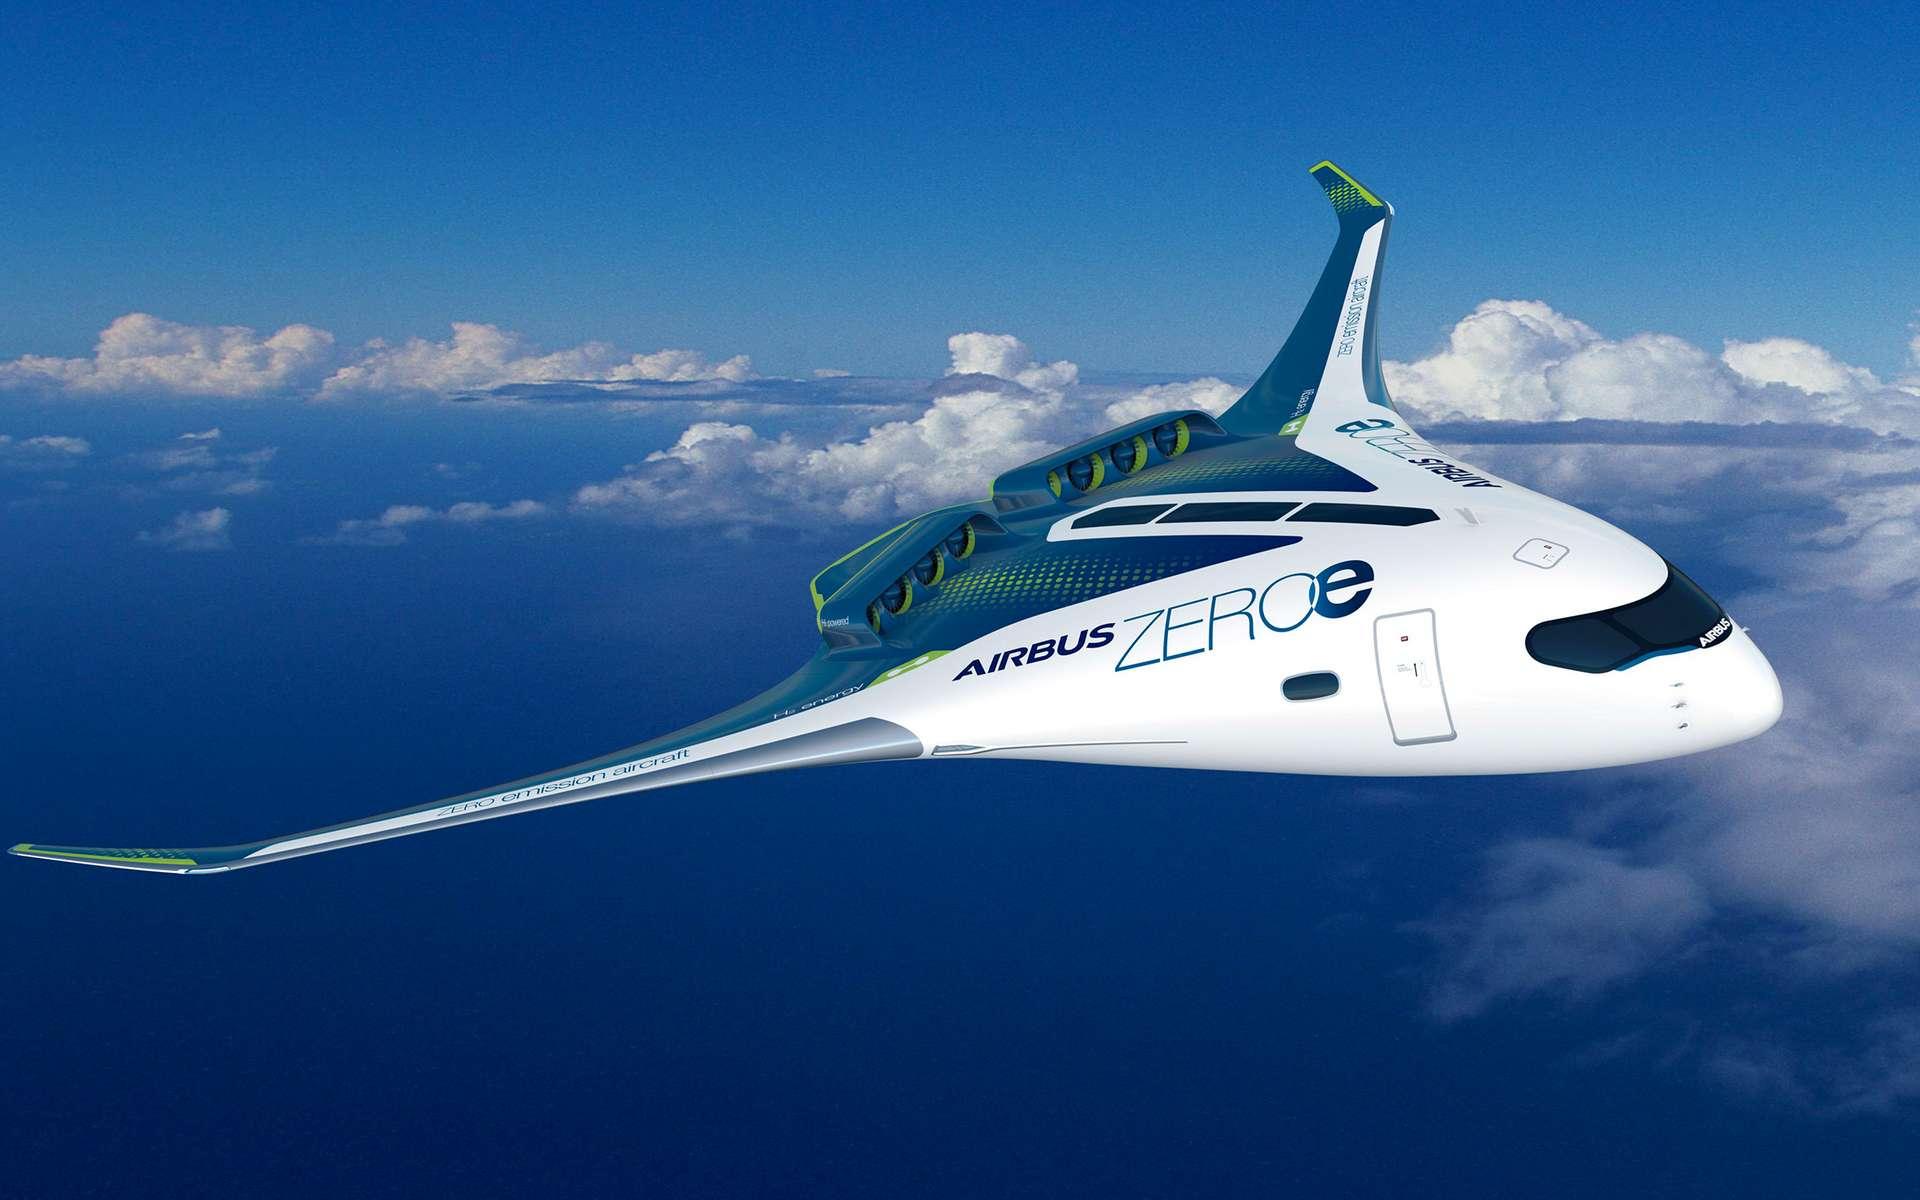 Concept d'aile volante à l'étude (Blended Wing Body, BWB) propulsé par des moteurs fonctionnant à l'hydrogène. © Airbus